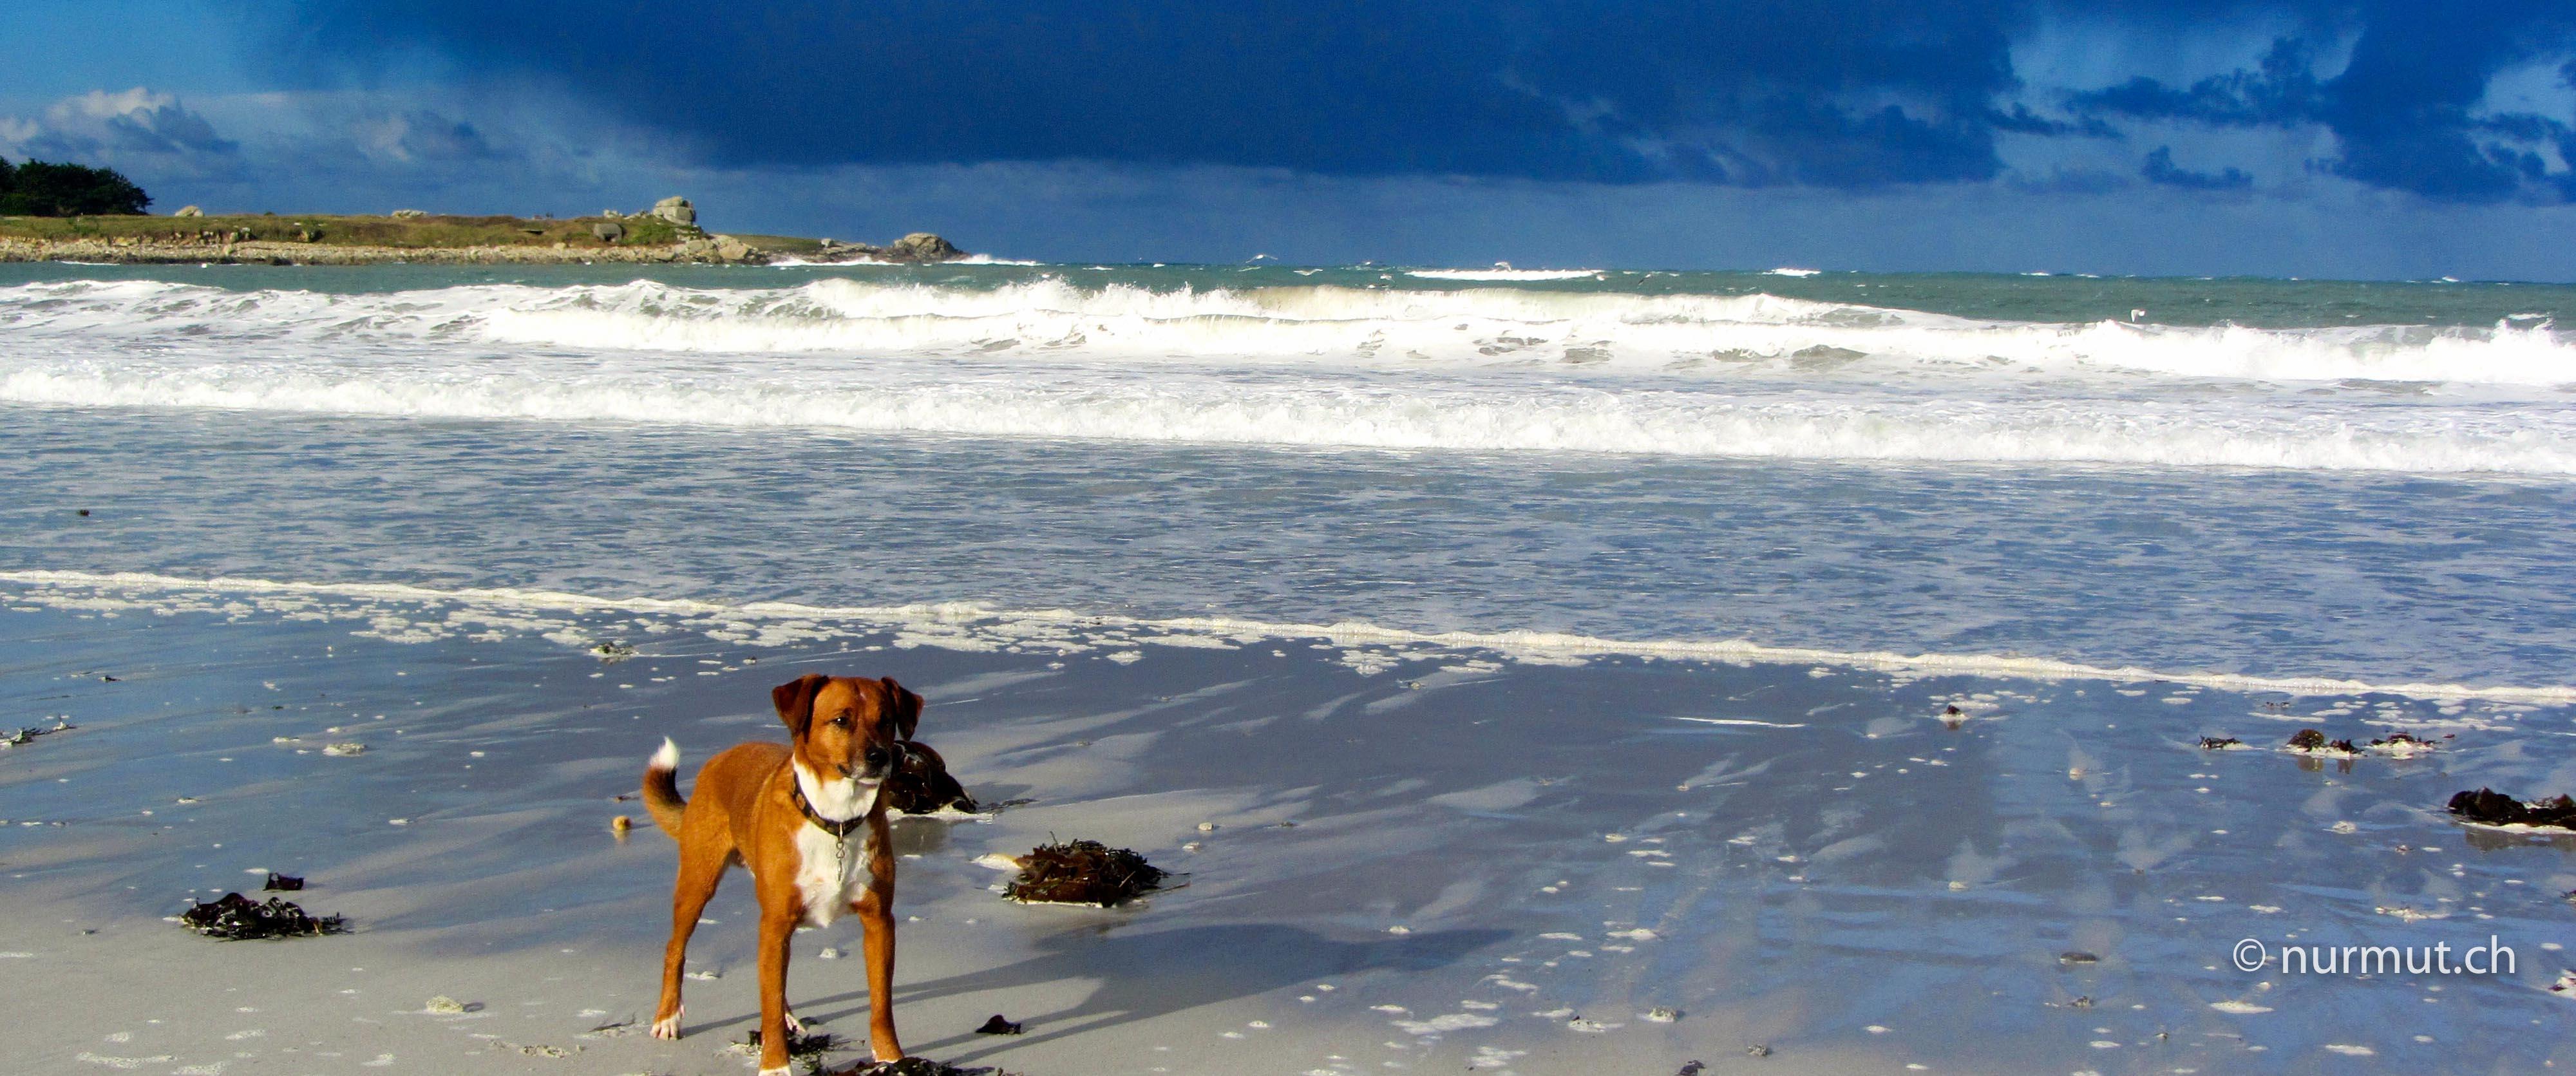 Bretagne-im-Winter-mit Wohnmobil-und-Hund-Strand-Gewitterstimmmung